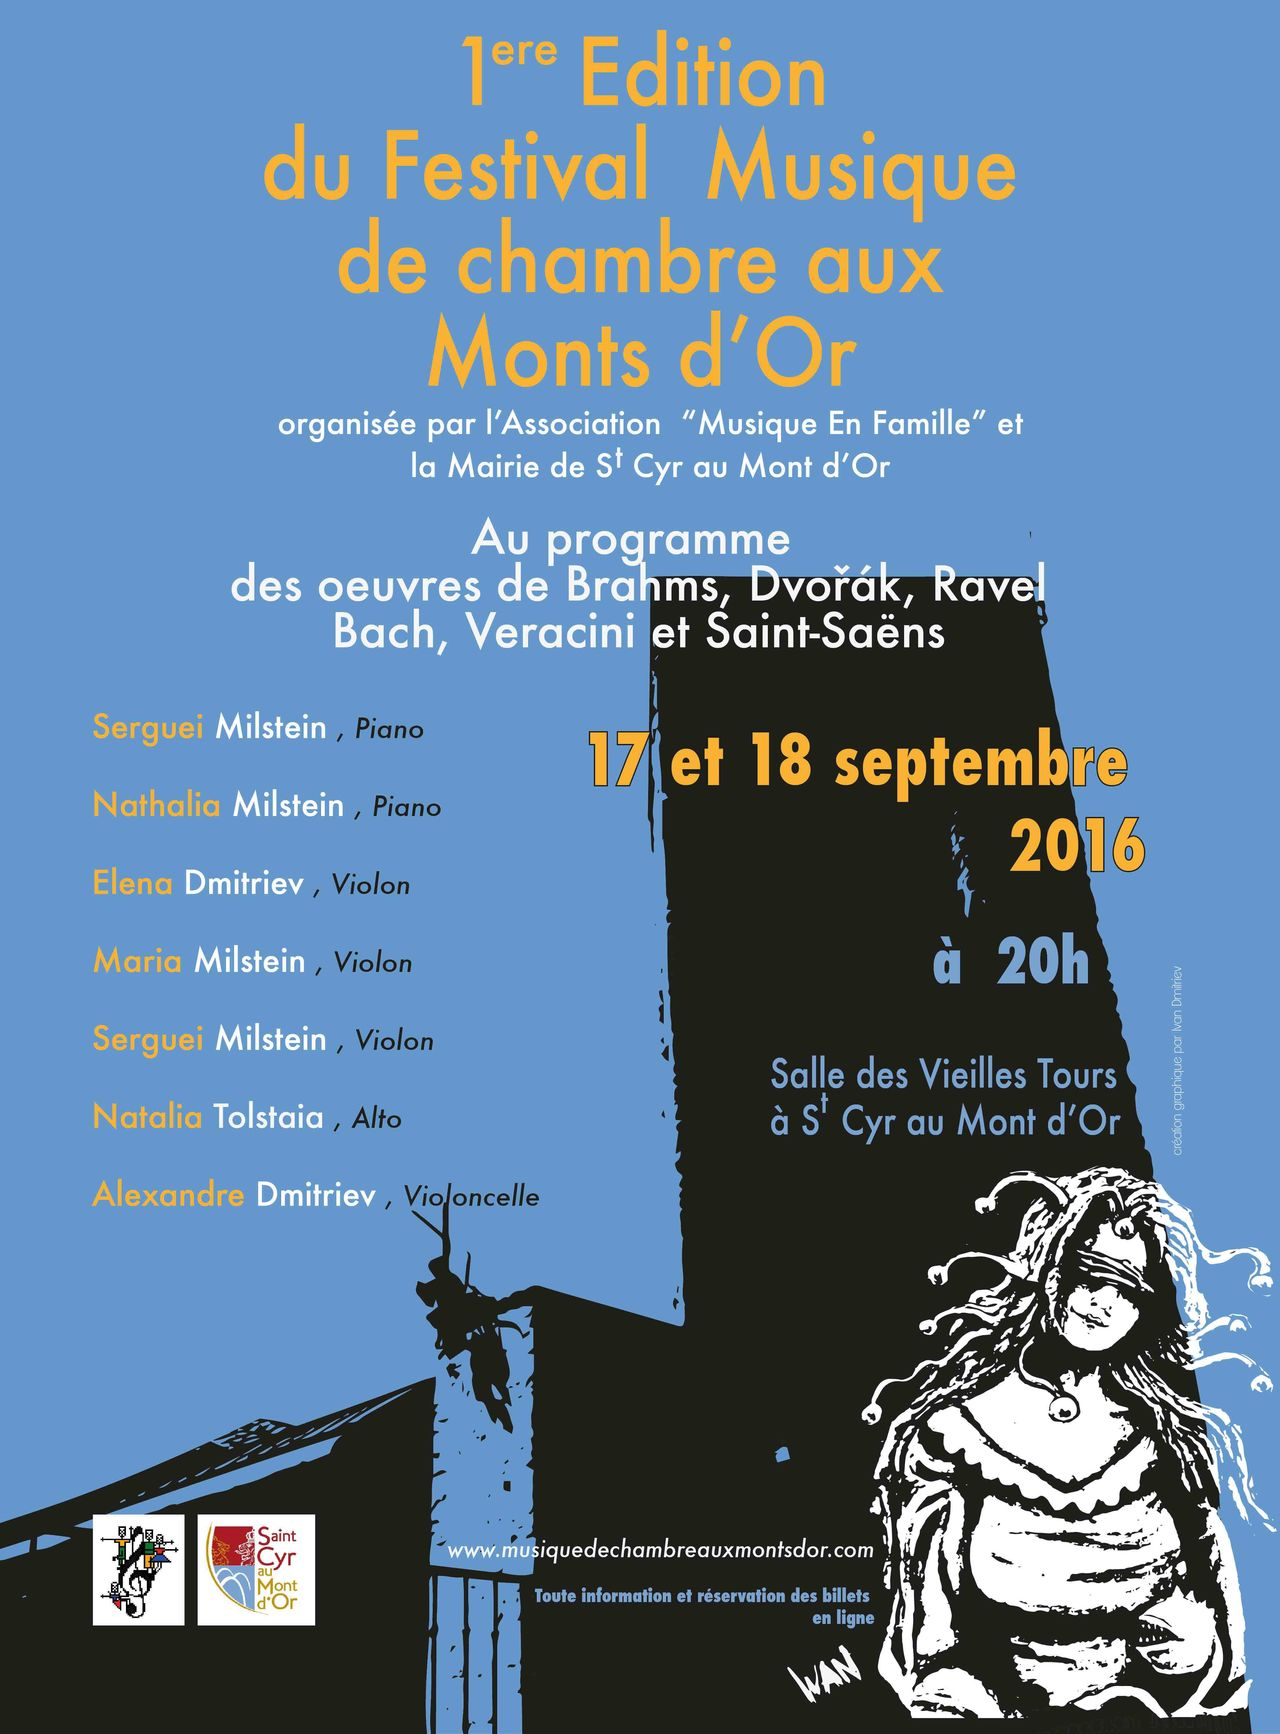 Affiche Festival Musique de chambre aux Monts d'Or